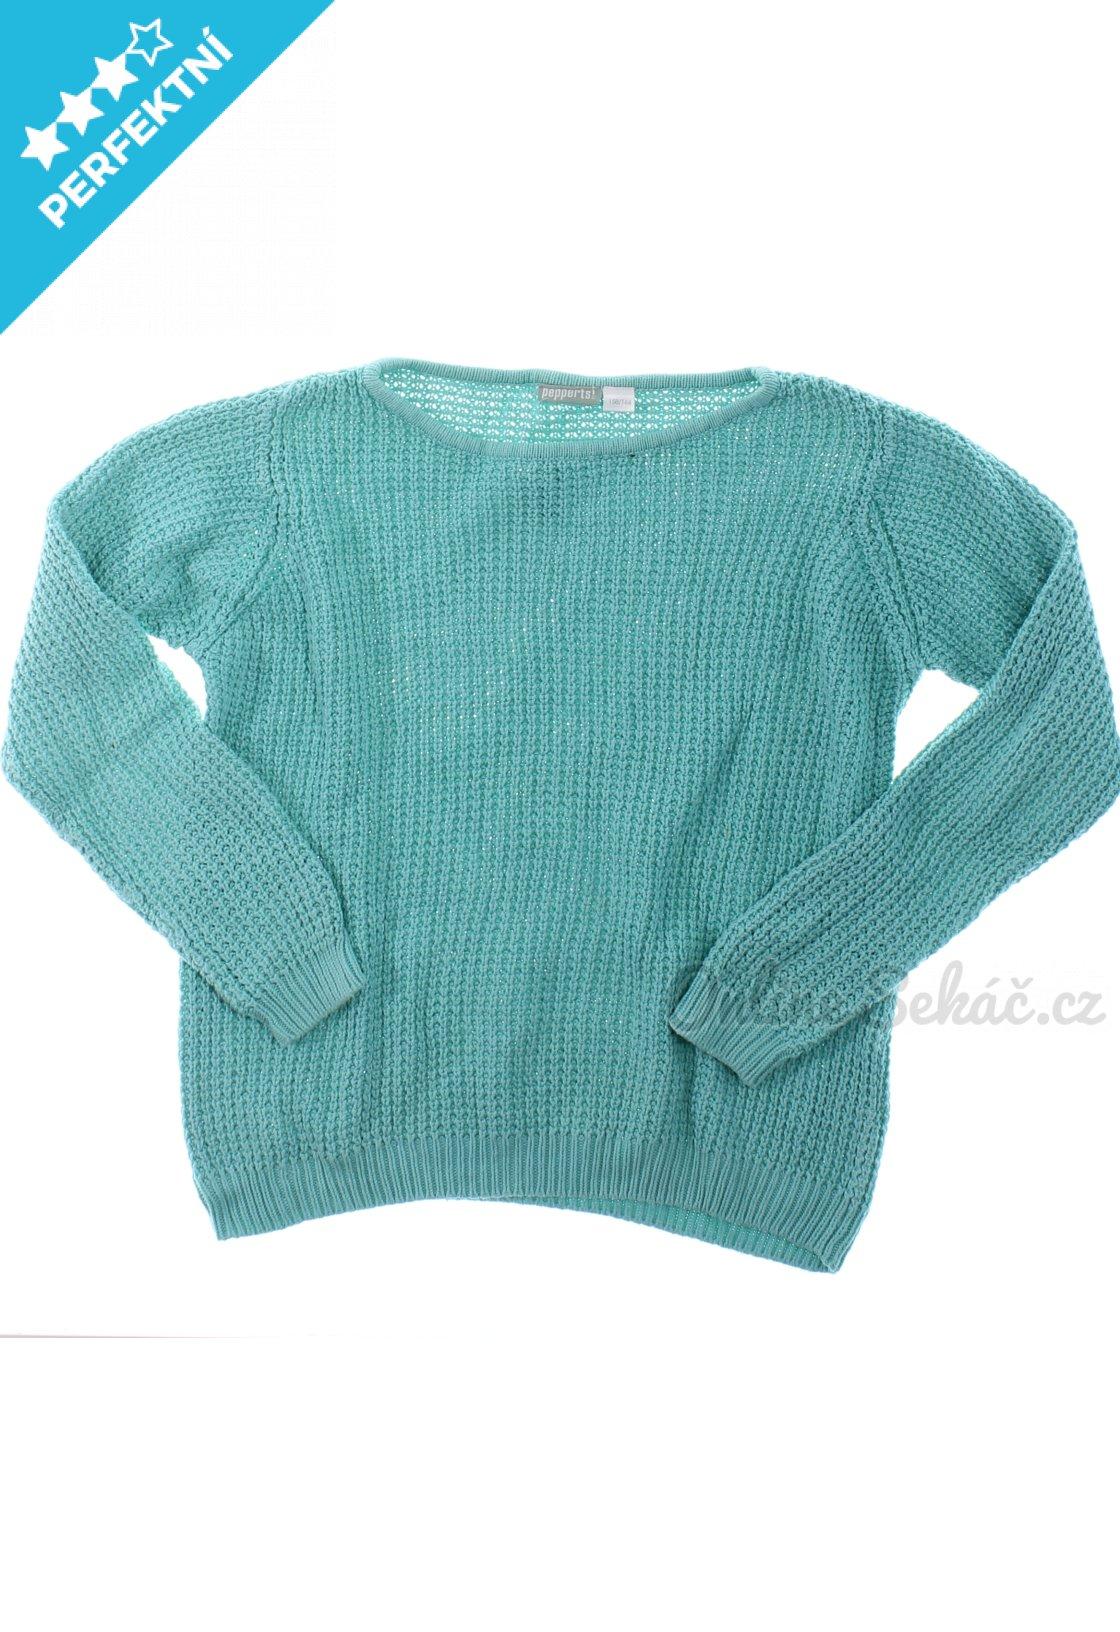 Dětský letní svetr PEPPERTS 158 b7e066c5b1